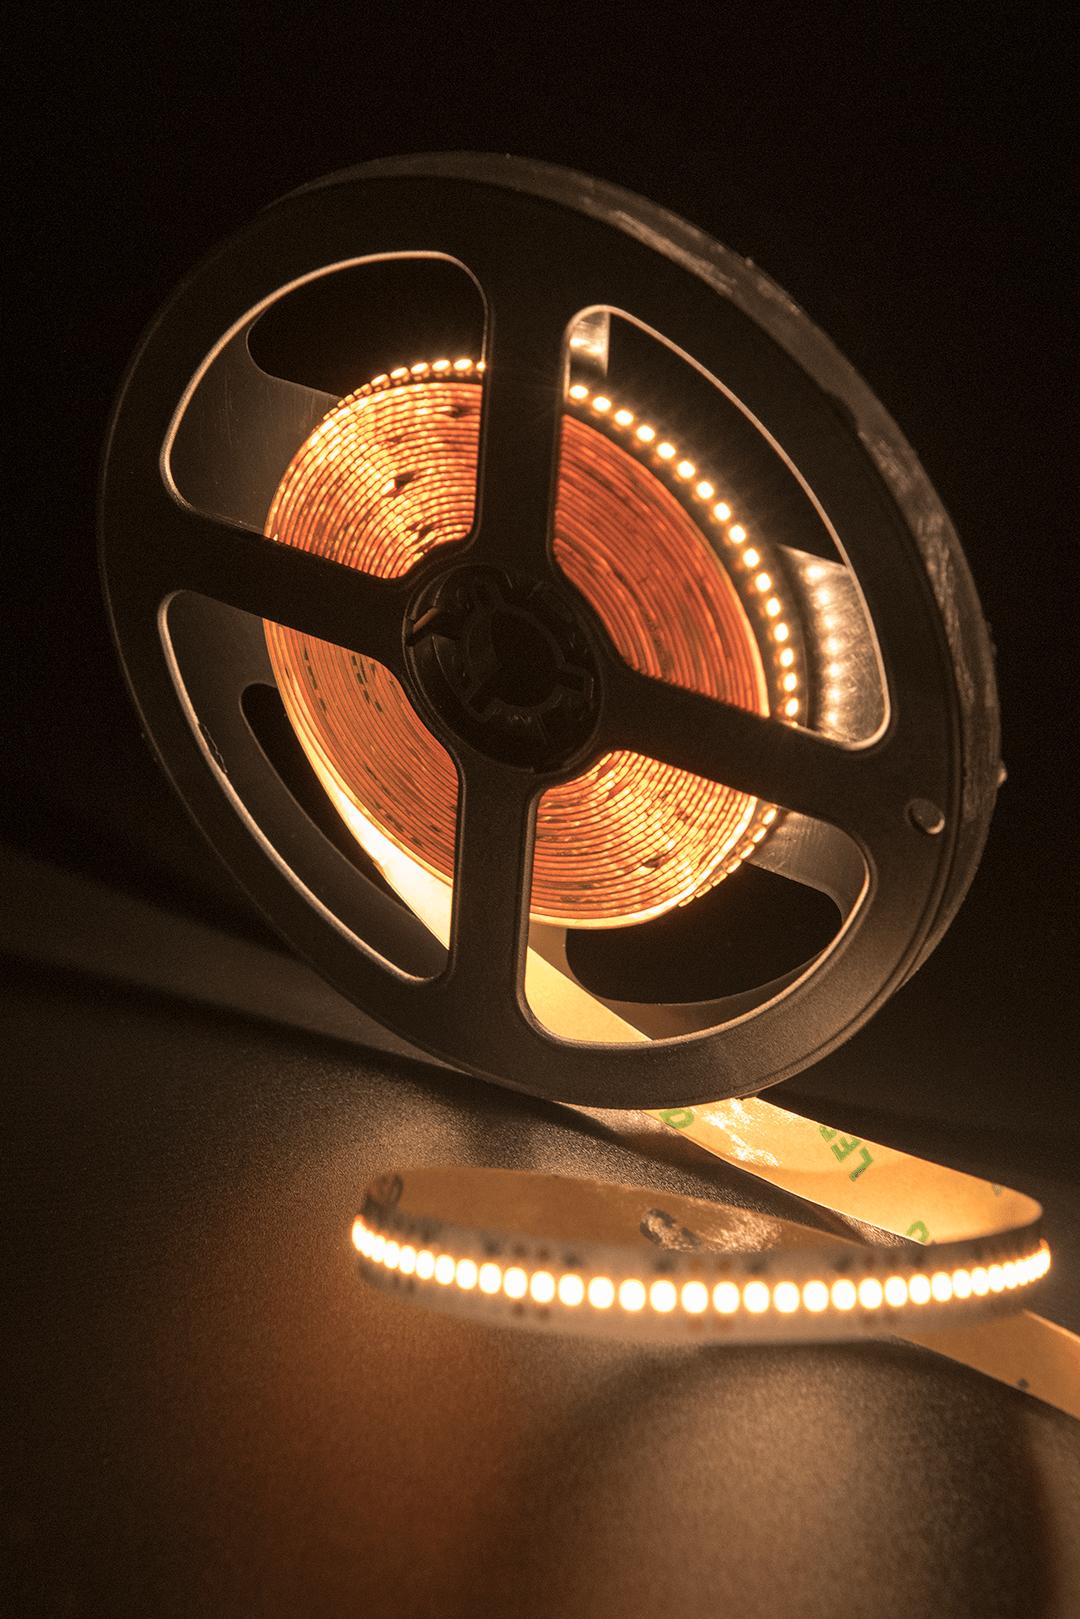 Лента светодиодная стандарт 2216, 300 LED/м, 19,4 Вт/м, 24В , IP20, Цвет: Теплый белый